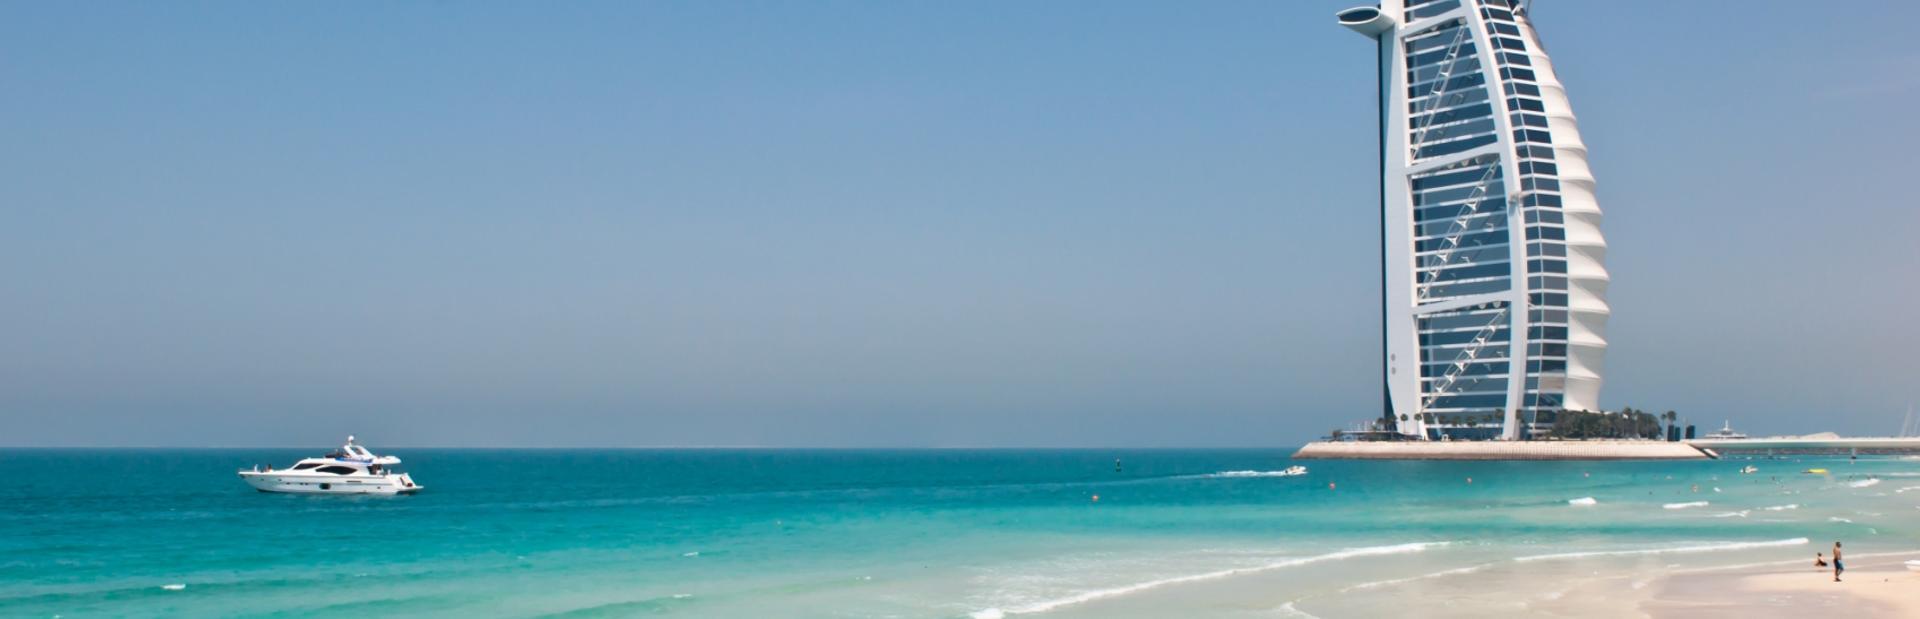 Dubai climate photo